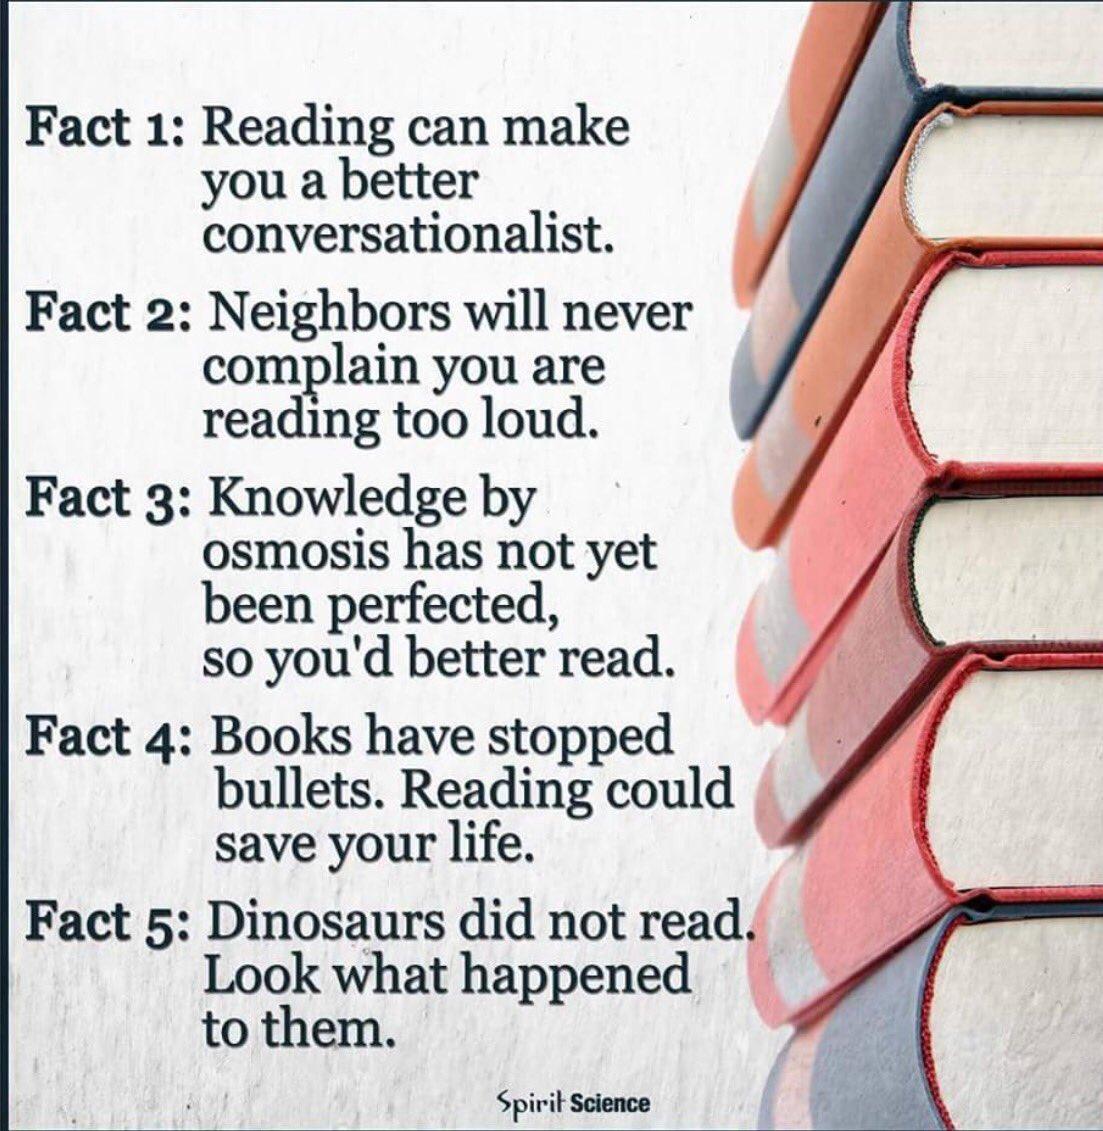 5 raons per no deixar mai de llegir. Poderoses. @CarmeFenoll @lauraborras https://t.co/mRsHjCycvv